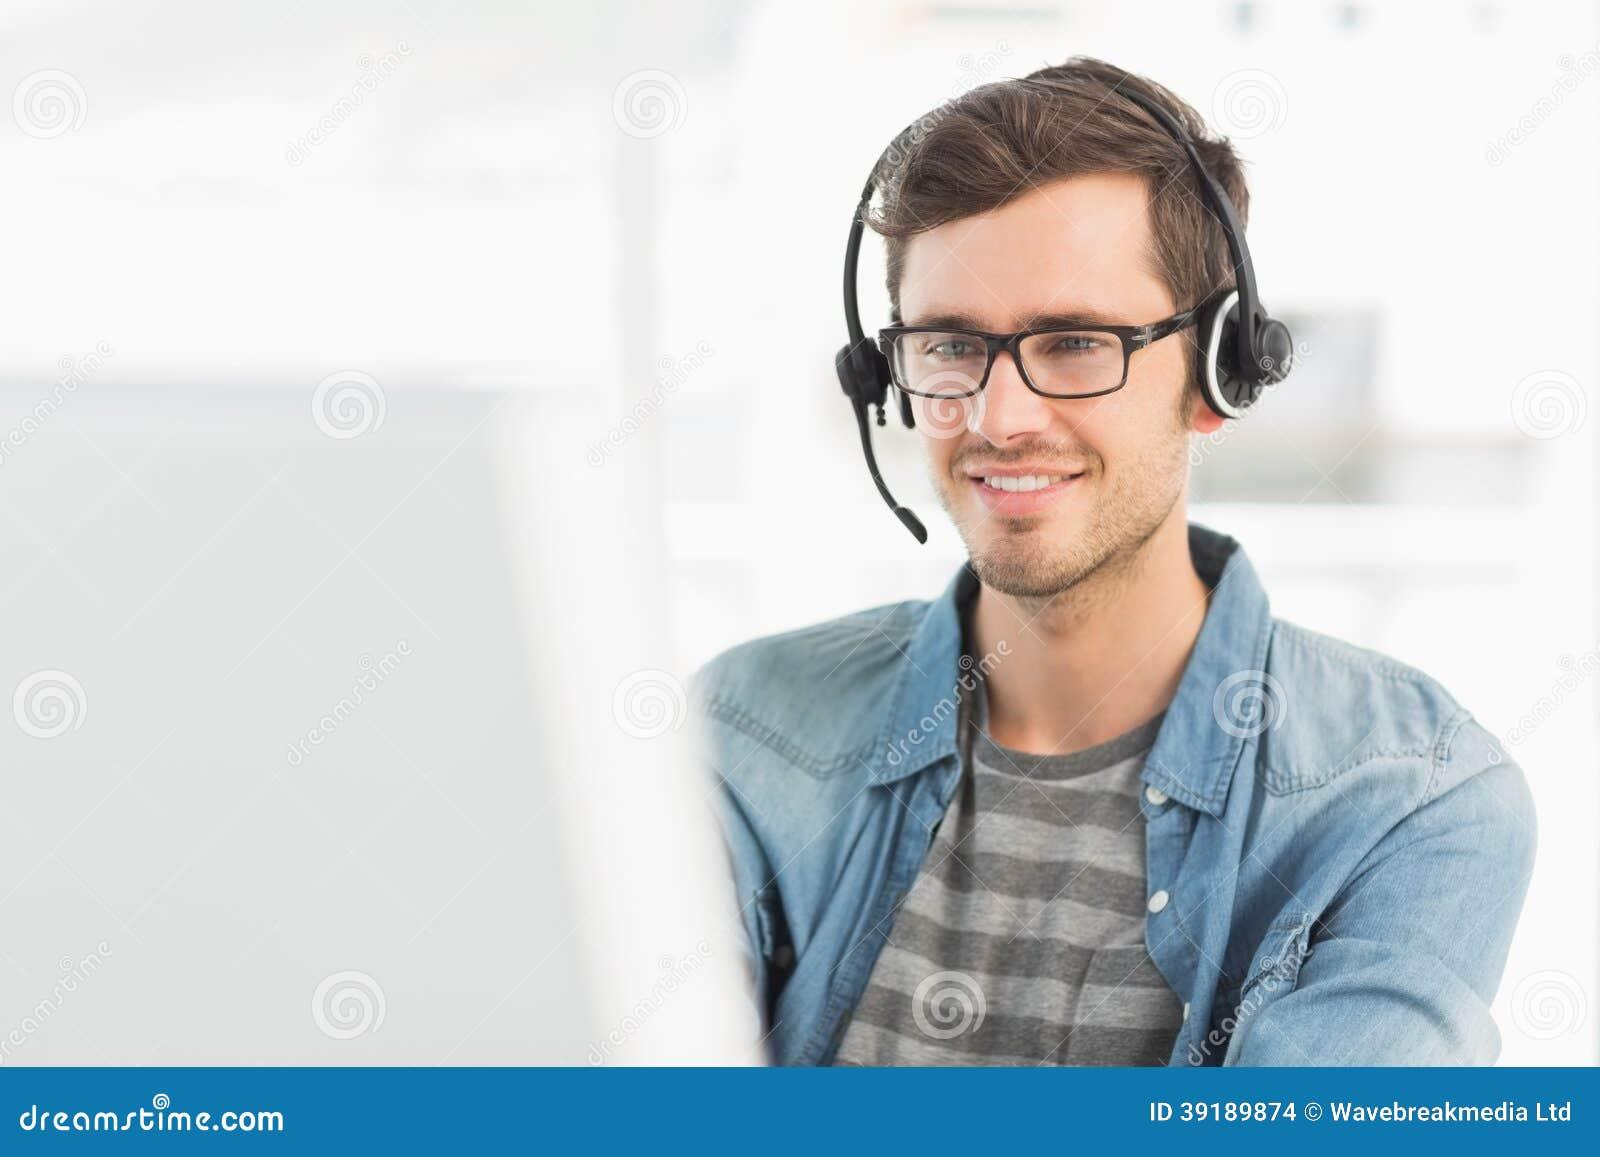 Workplace Telecommunications